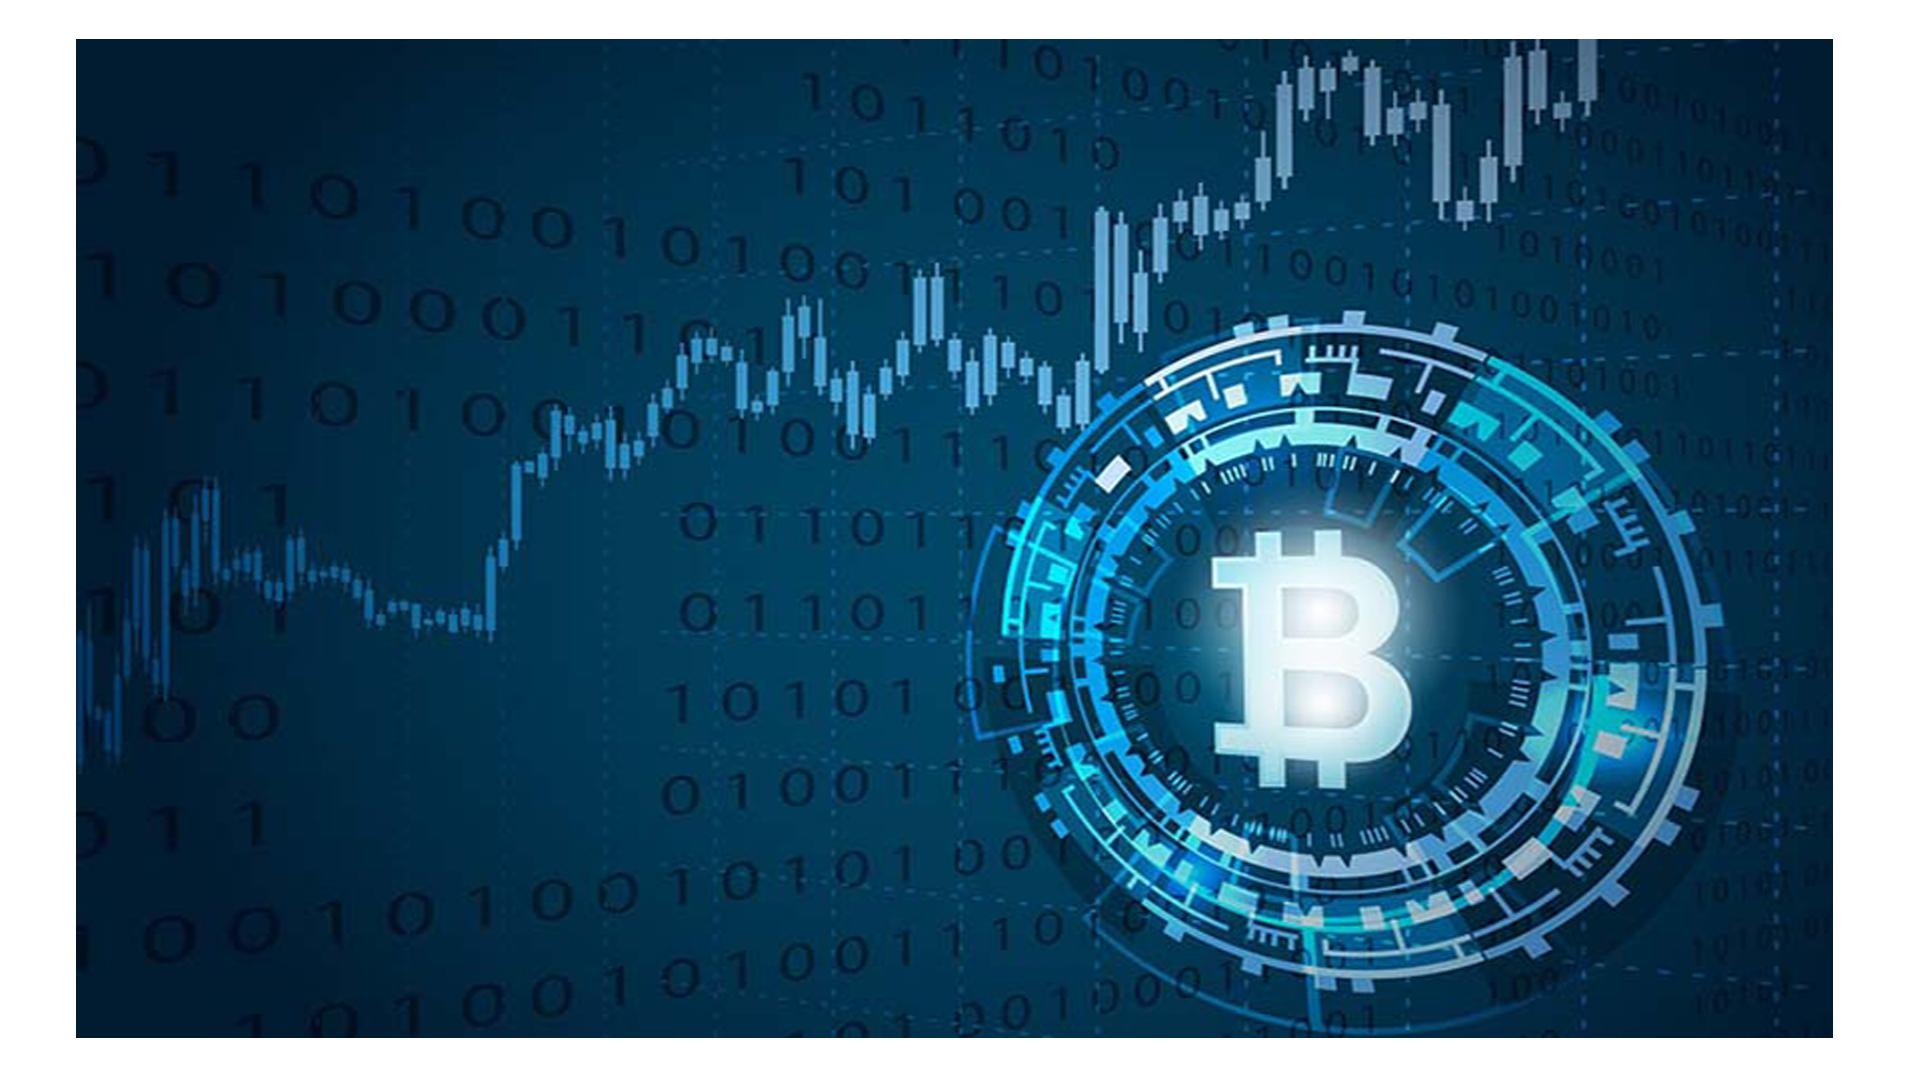 Bitkoin yenidən ucuzlaşır